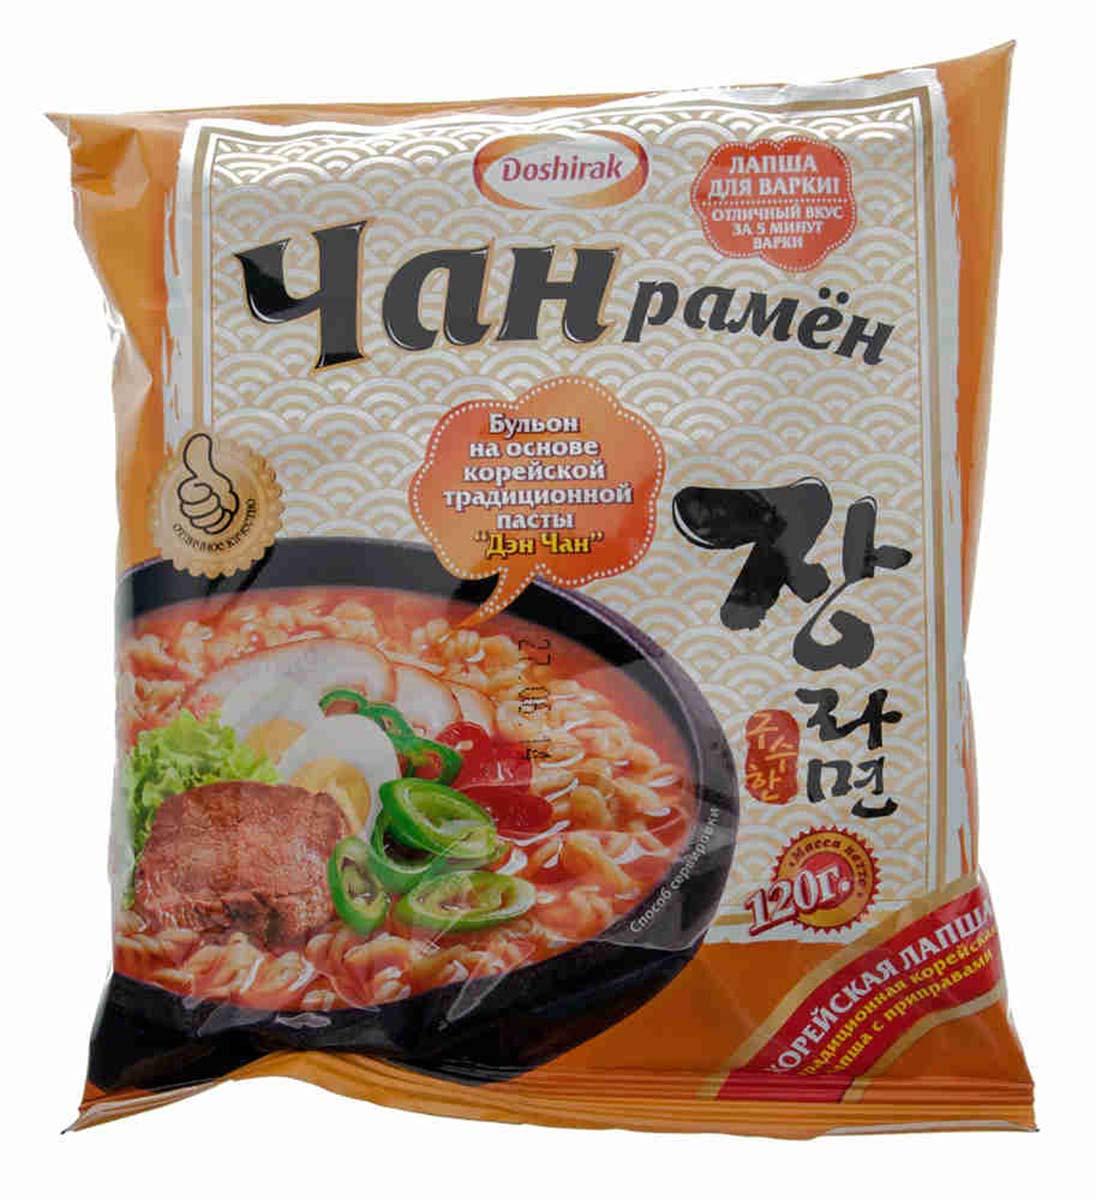 Doshirak Чан рамен лапша быстрого приготовления со вкусом говядины, 120 г4607065580605Лапша быстрого приготовления, стоит лишь залить кипятком.